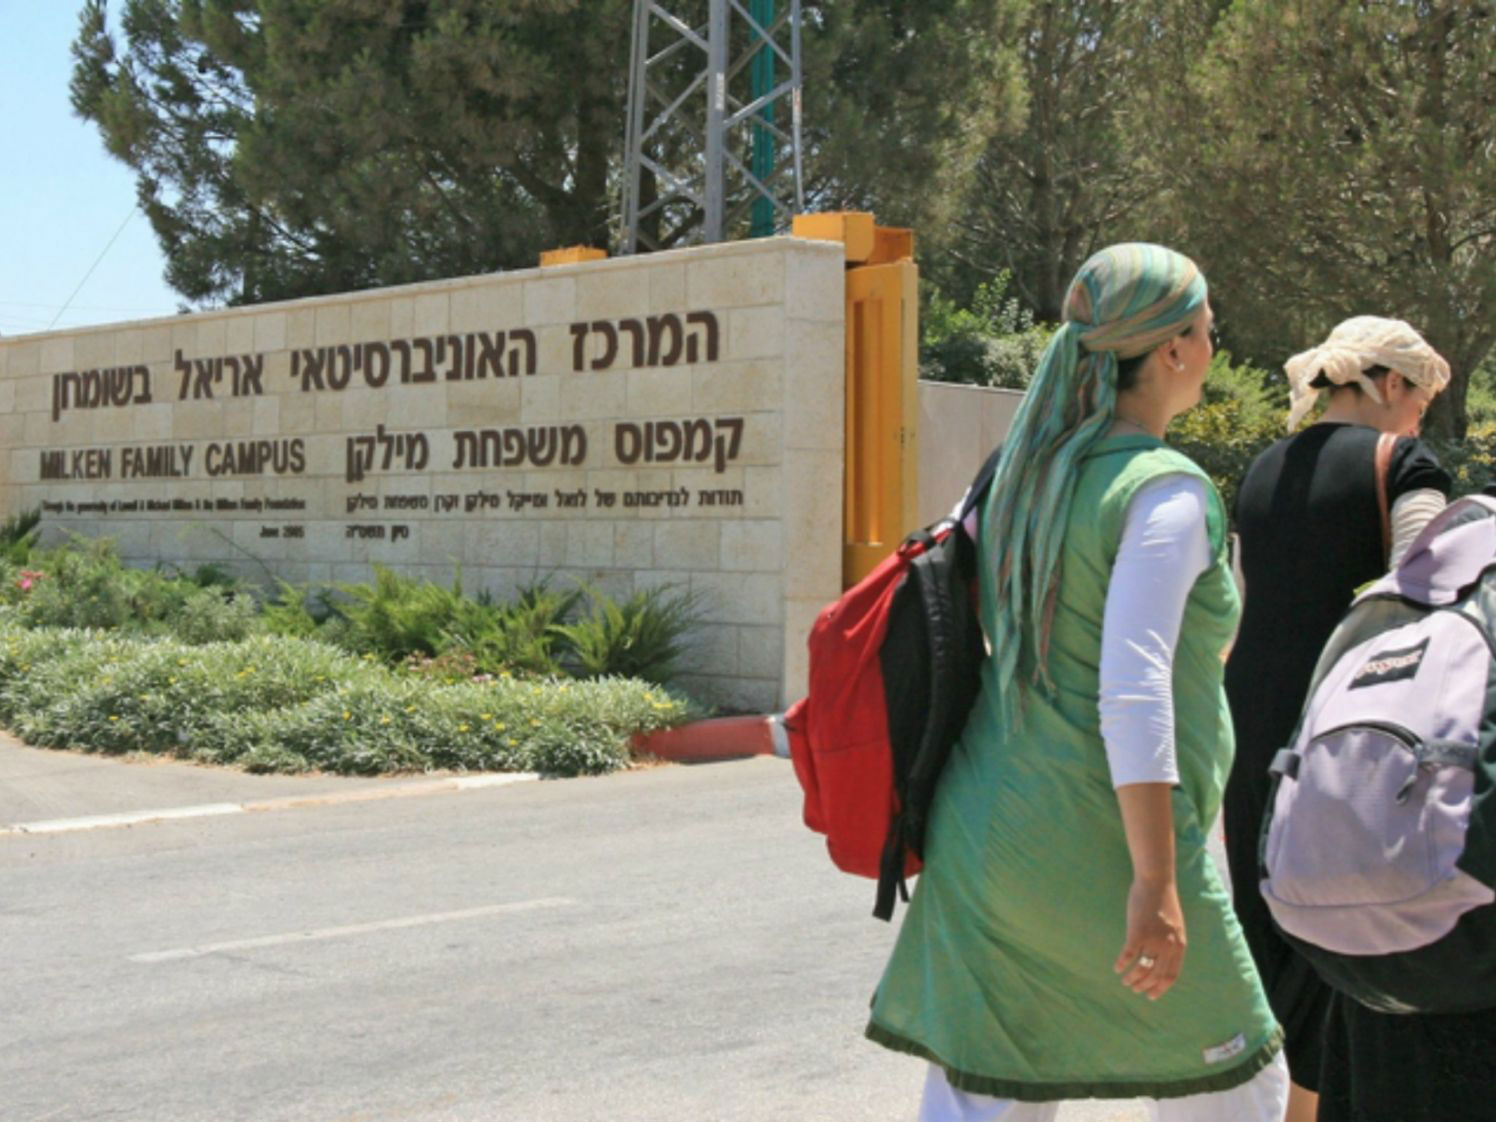 Israëlische wetenschappers boycotten Israëlisch hoger onderwijs in illegale nederzettingen – The Rights Forum